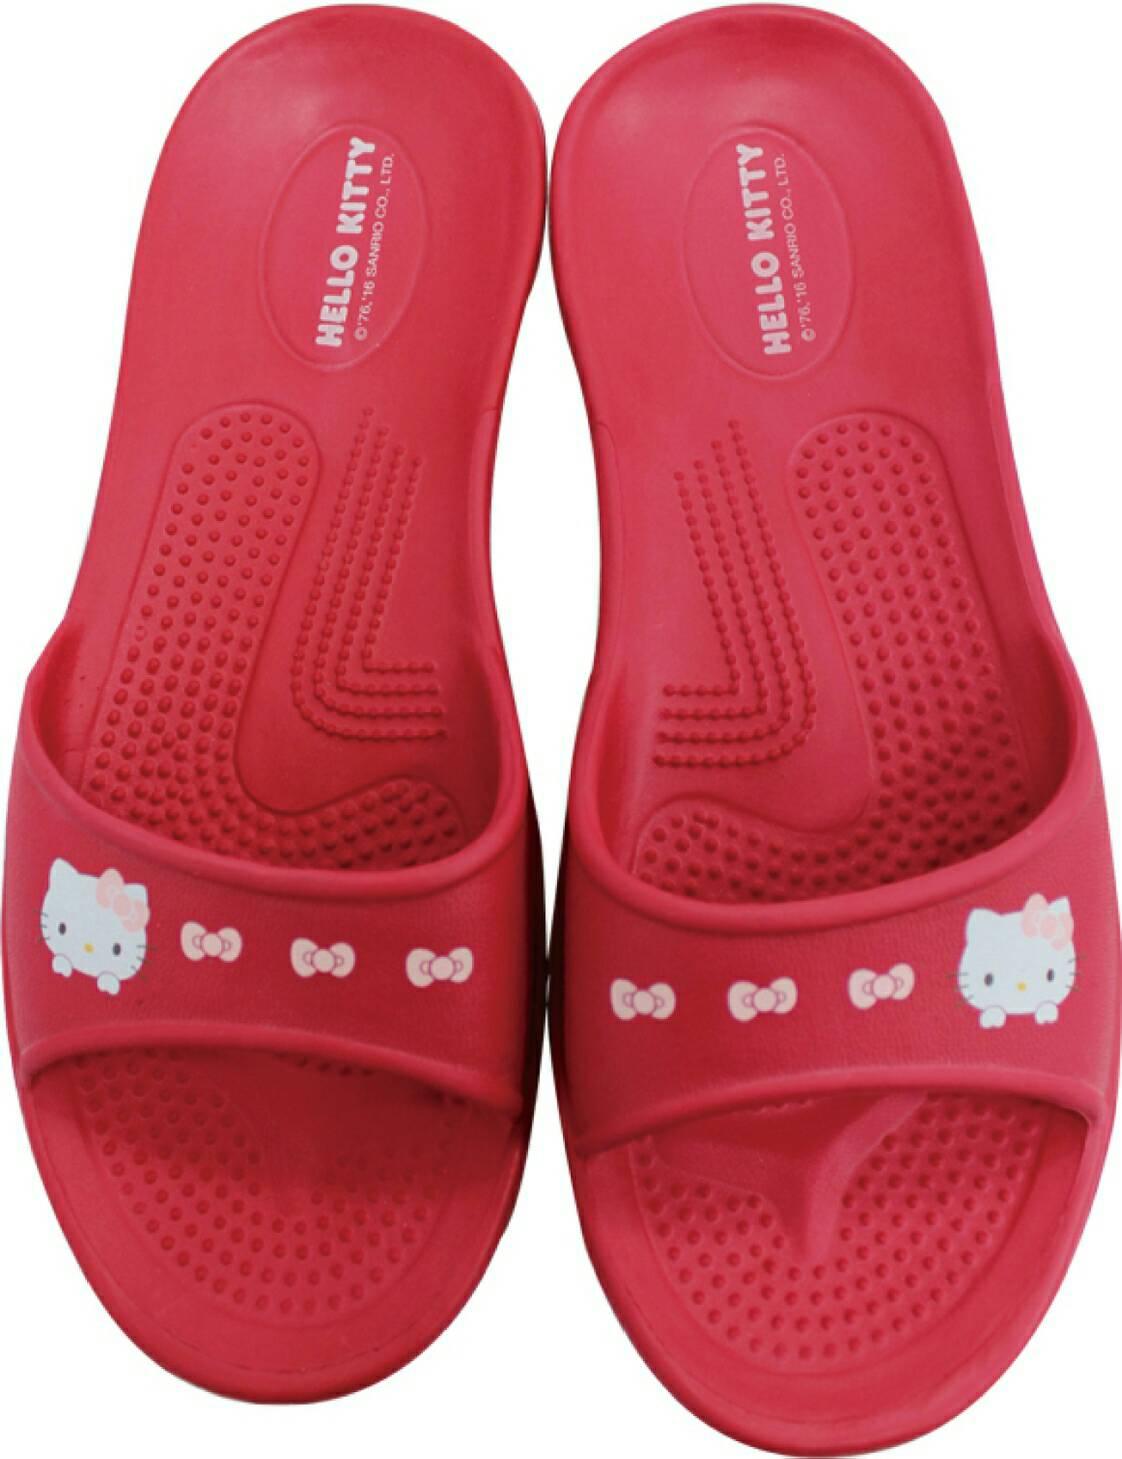 佳冠居家~紅色HELLO KITTY拖鞋尺寸36.38.40 台灣製造超輕防水防滑拖鞋室內外拖鞋 浴室拖鞋